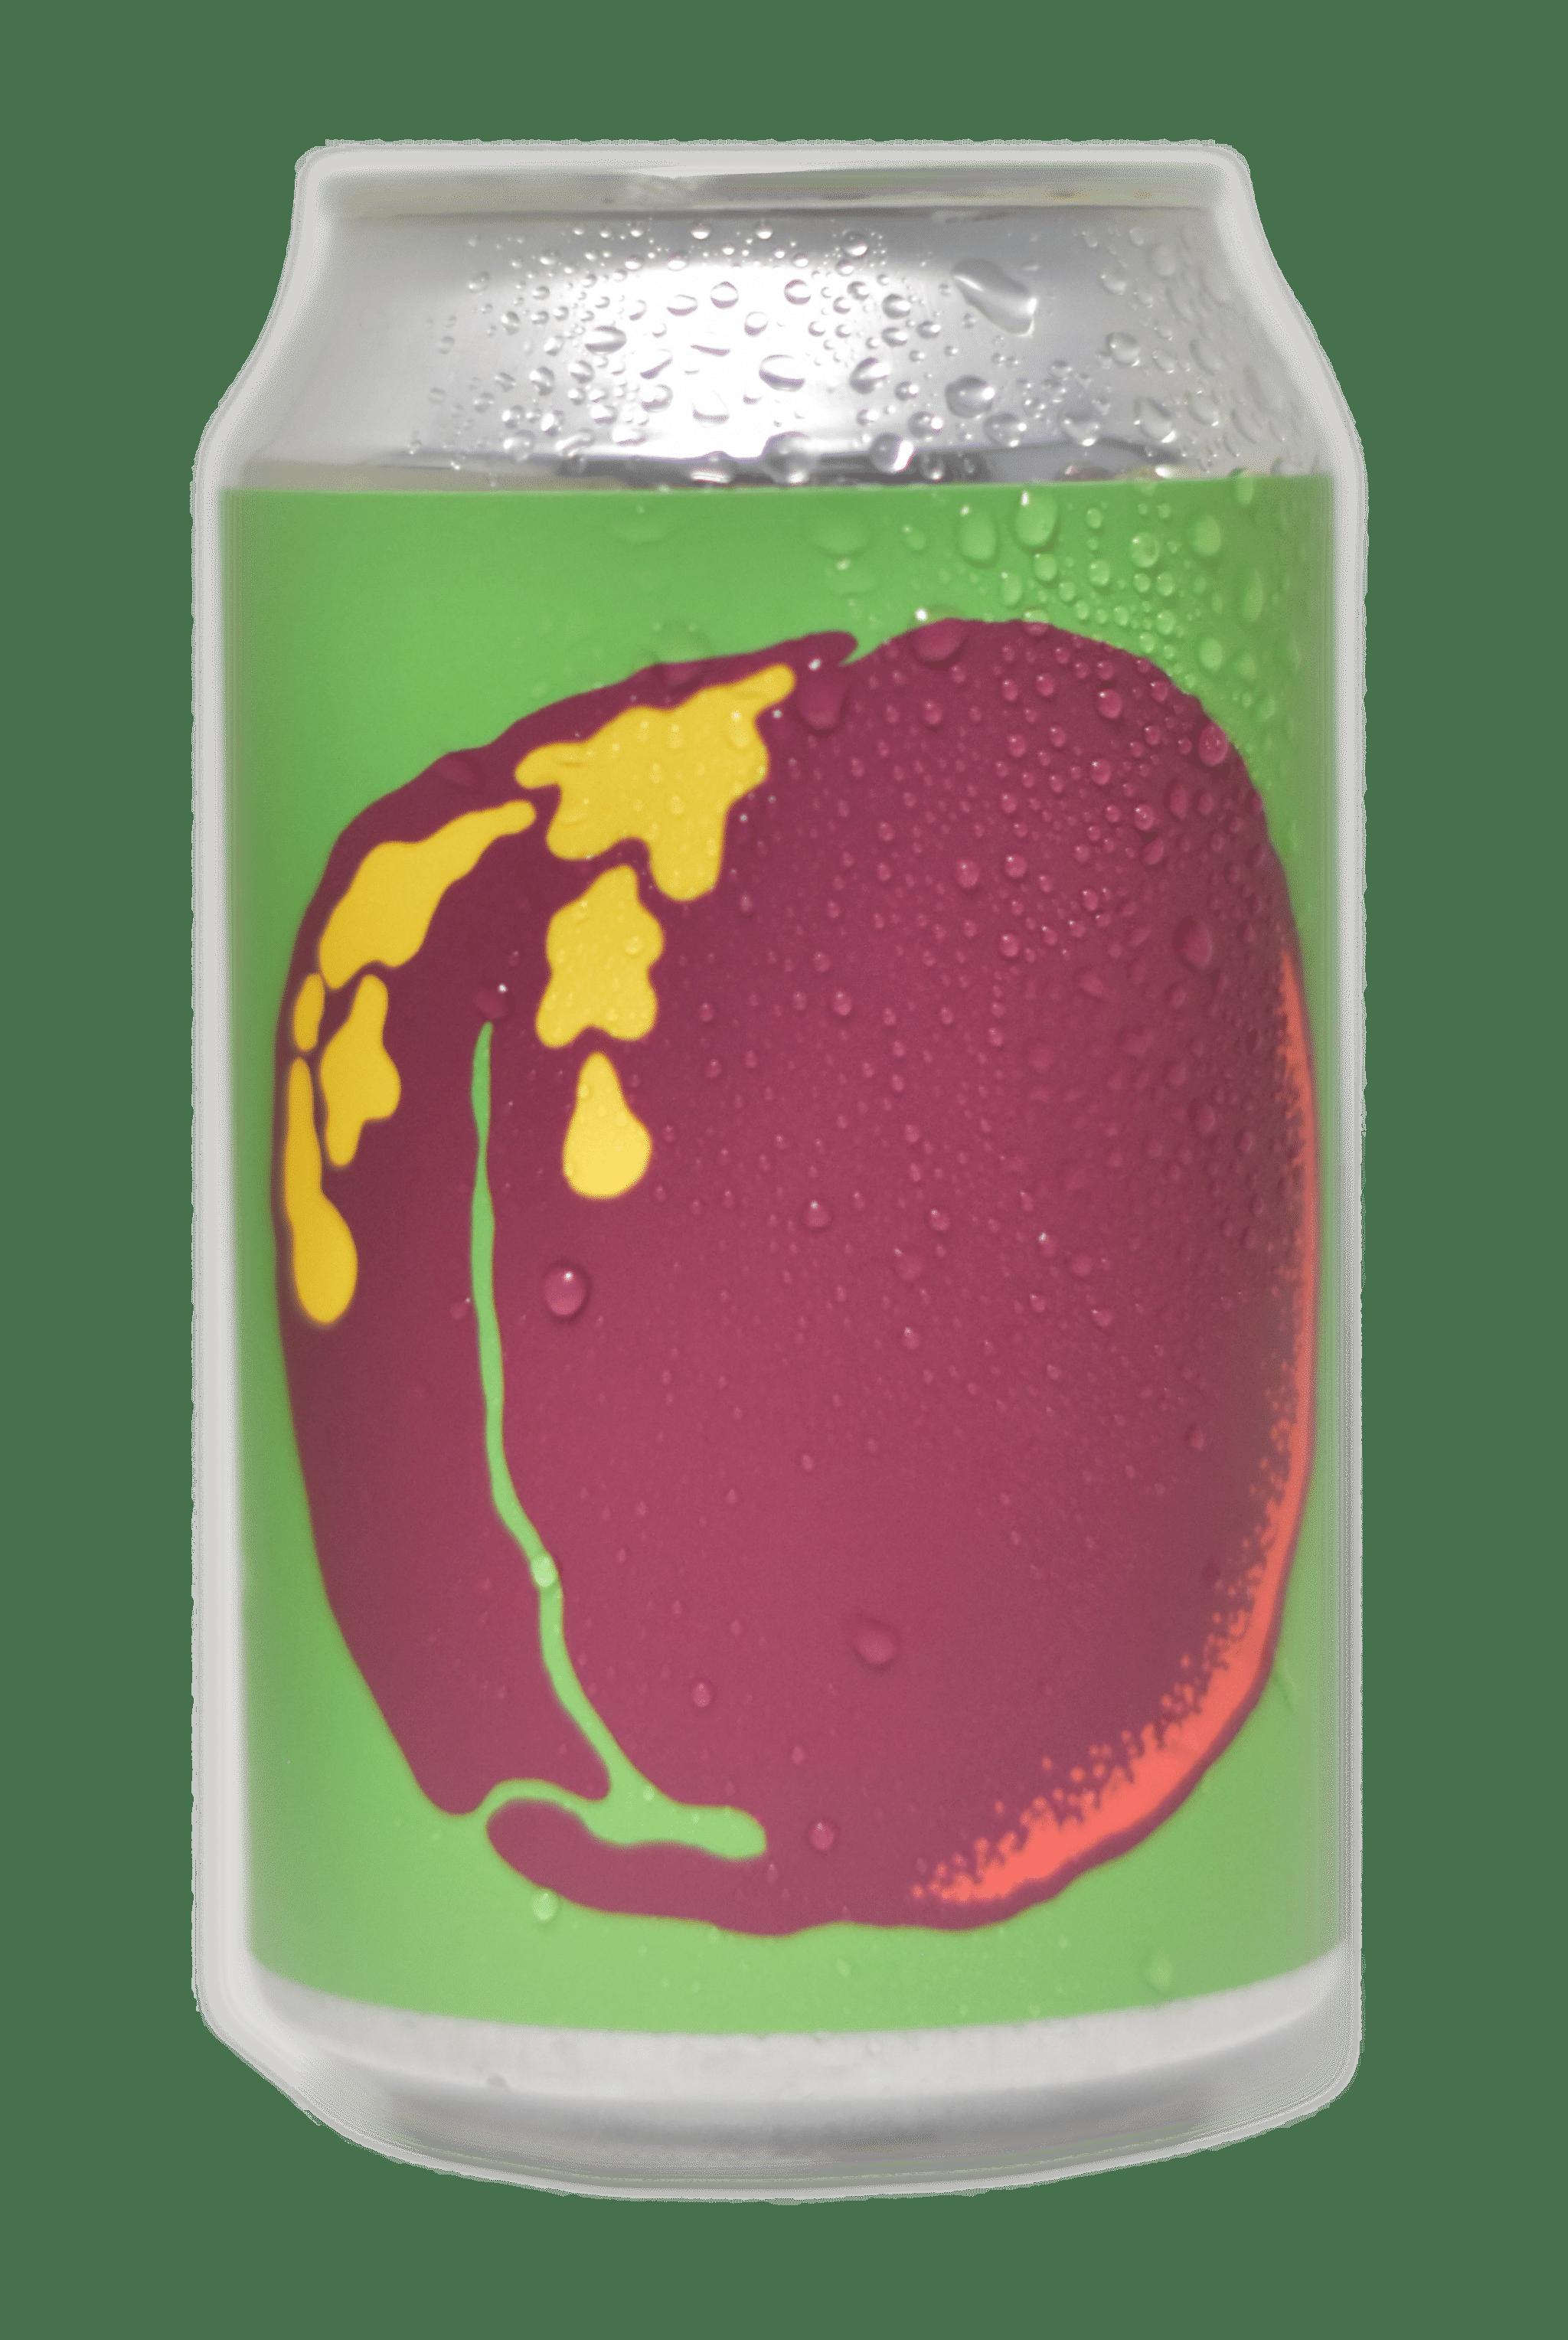 fRUKTSMEKK Plomme + ingefær (brus)